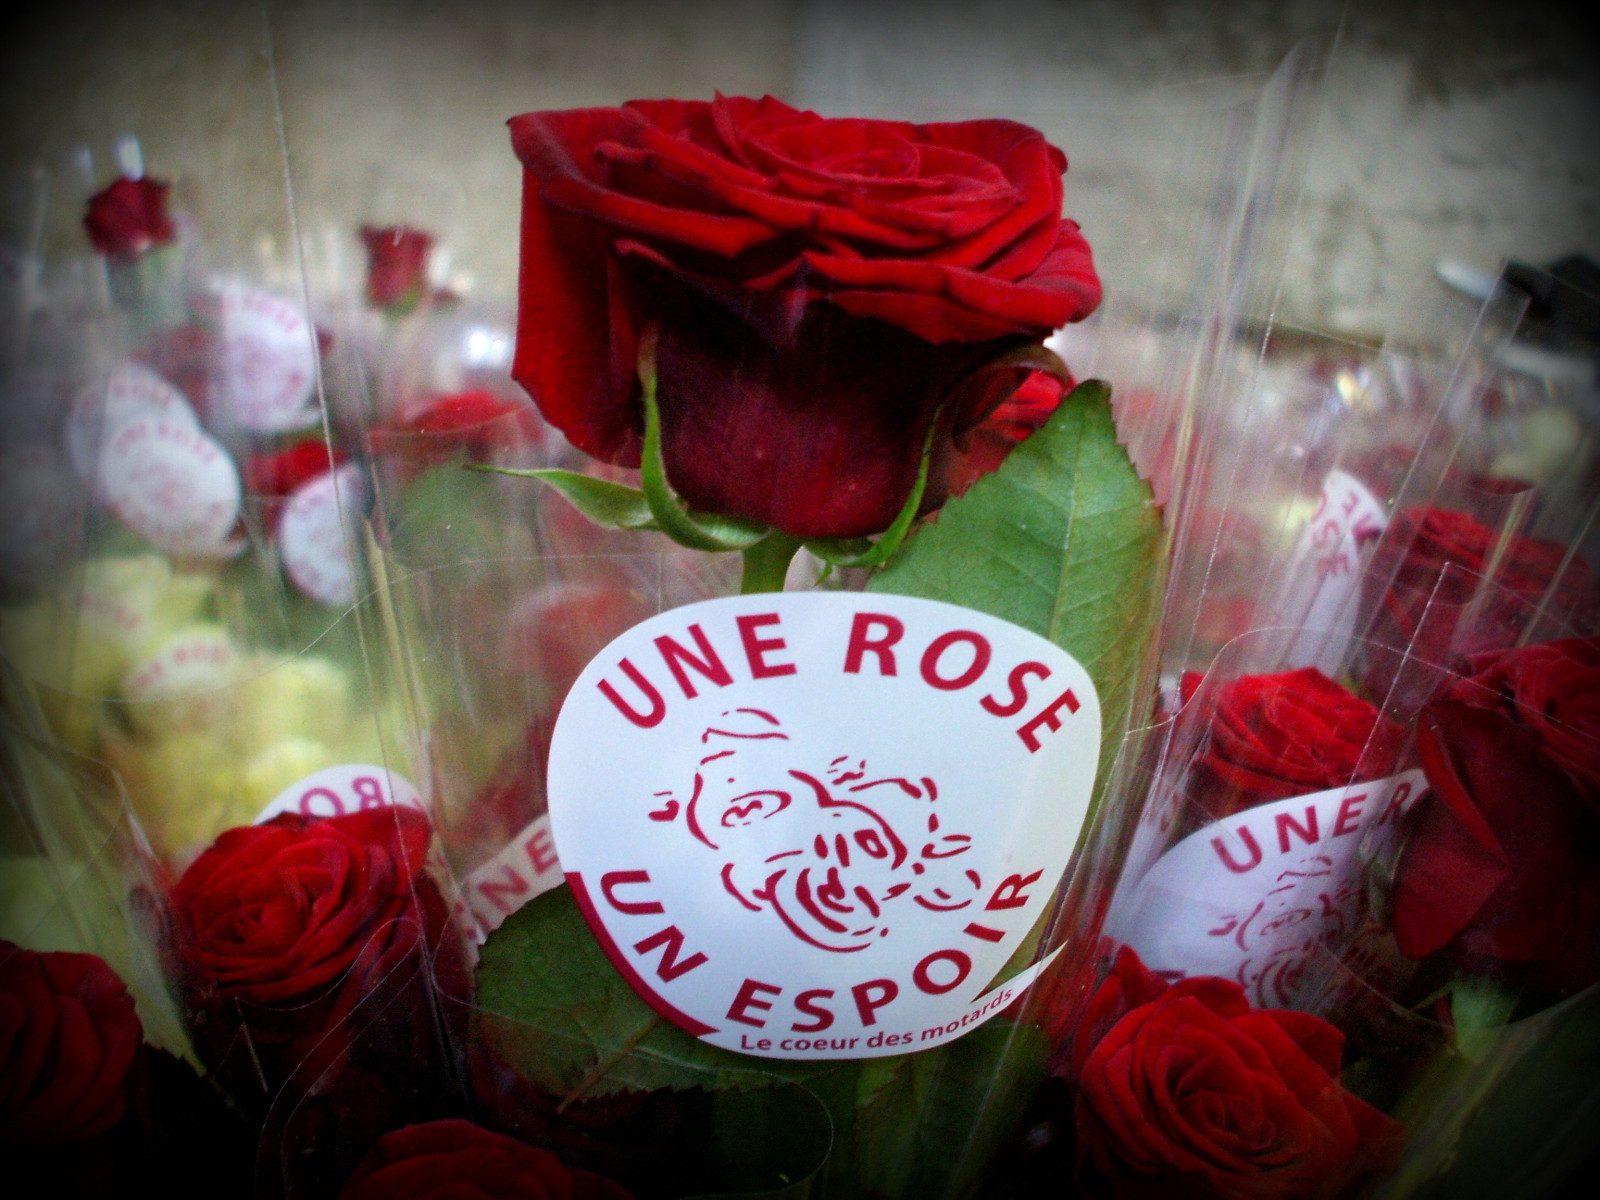 Une rose un espoir 2014 : près de 800 000€ récoltés en Lorraine